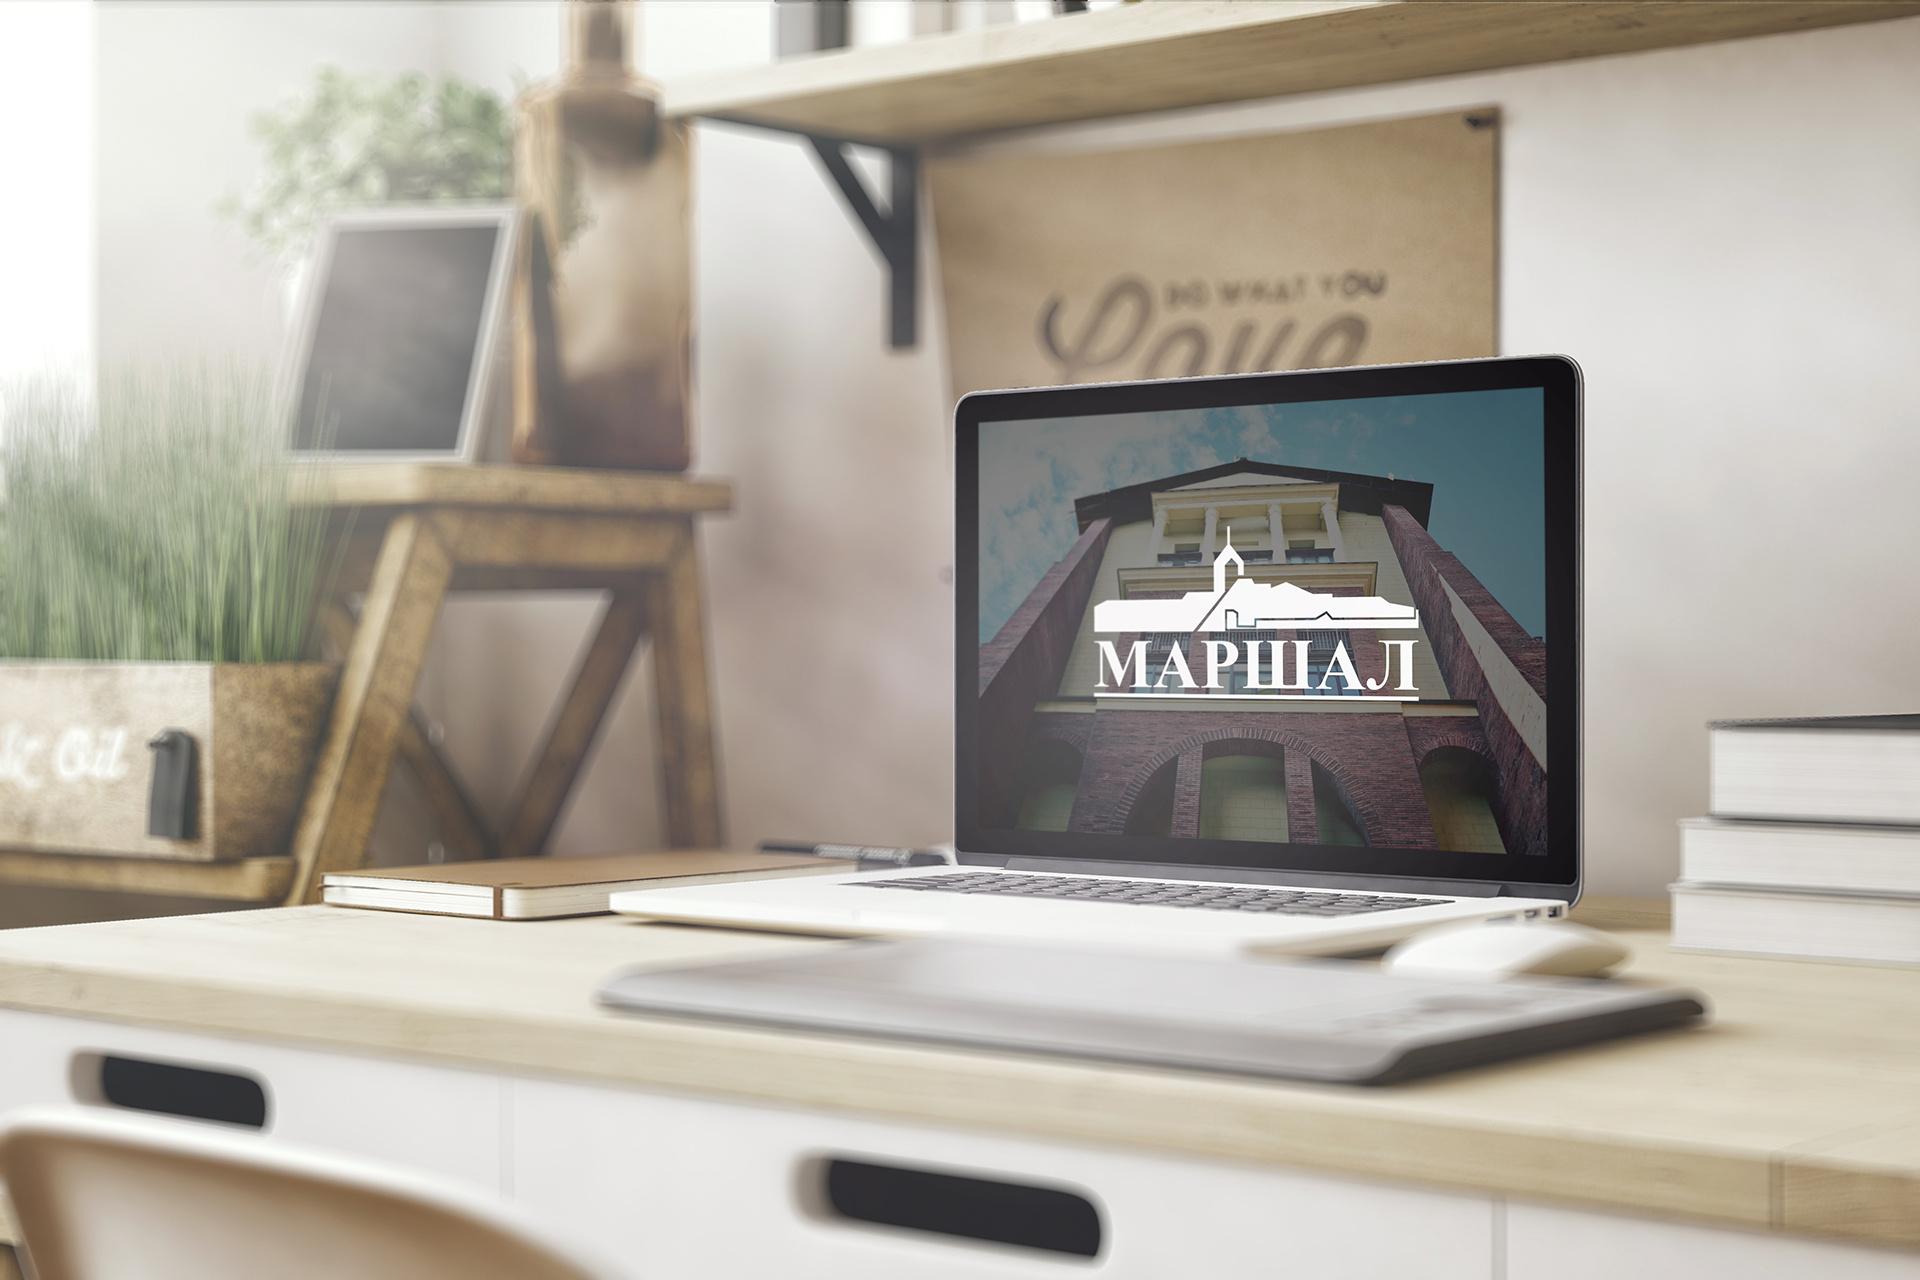 Подготовлены новые фотографии жилого комплекса Маршал | Студия Ракета